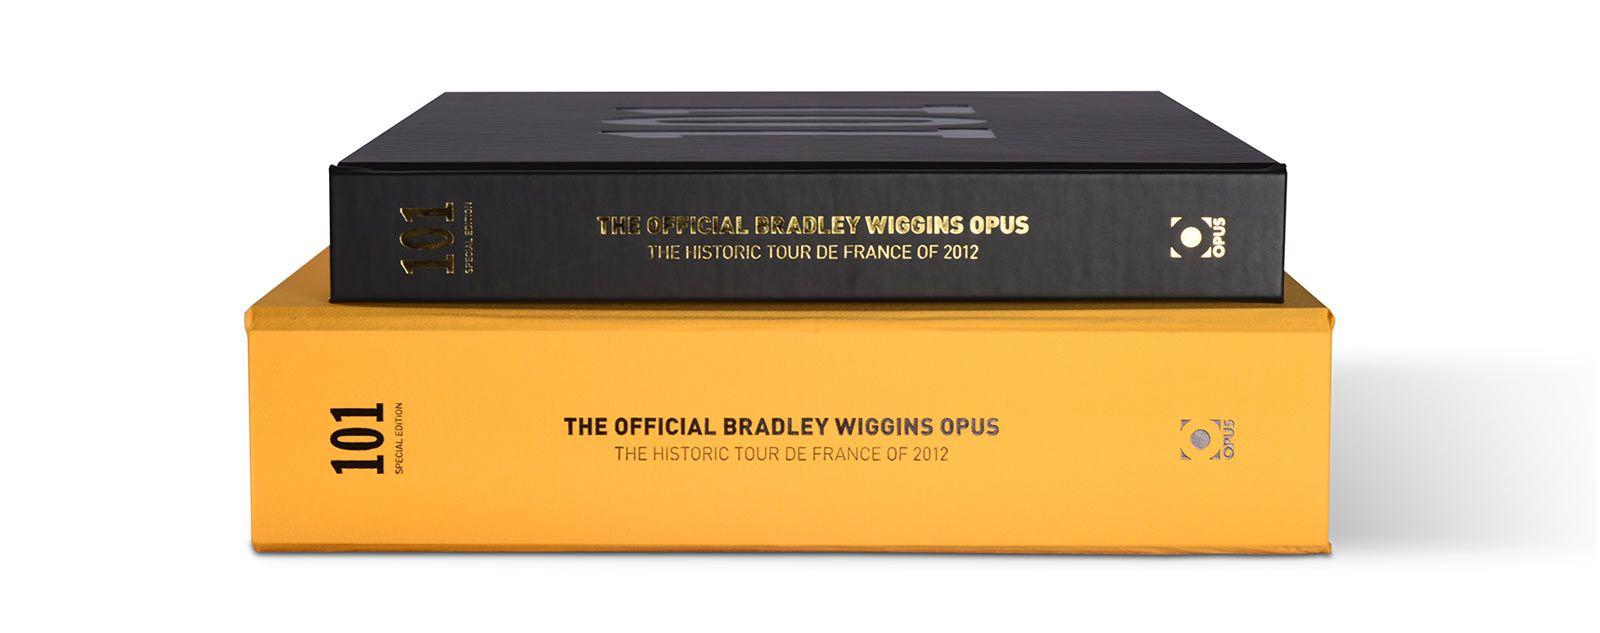 Bradley Wiggins 101 edition opus